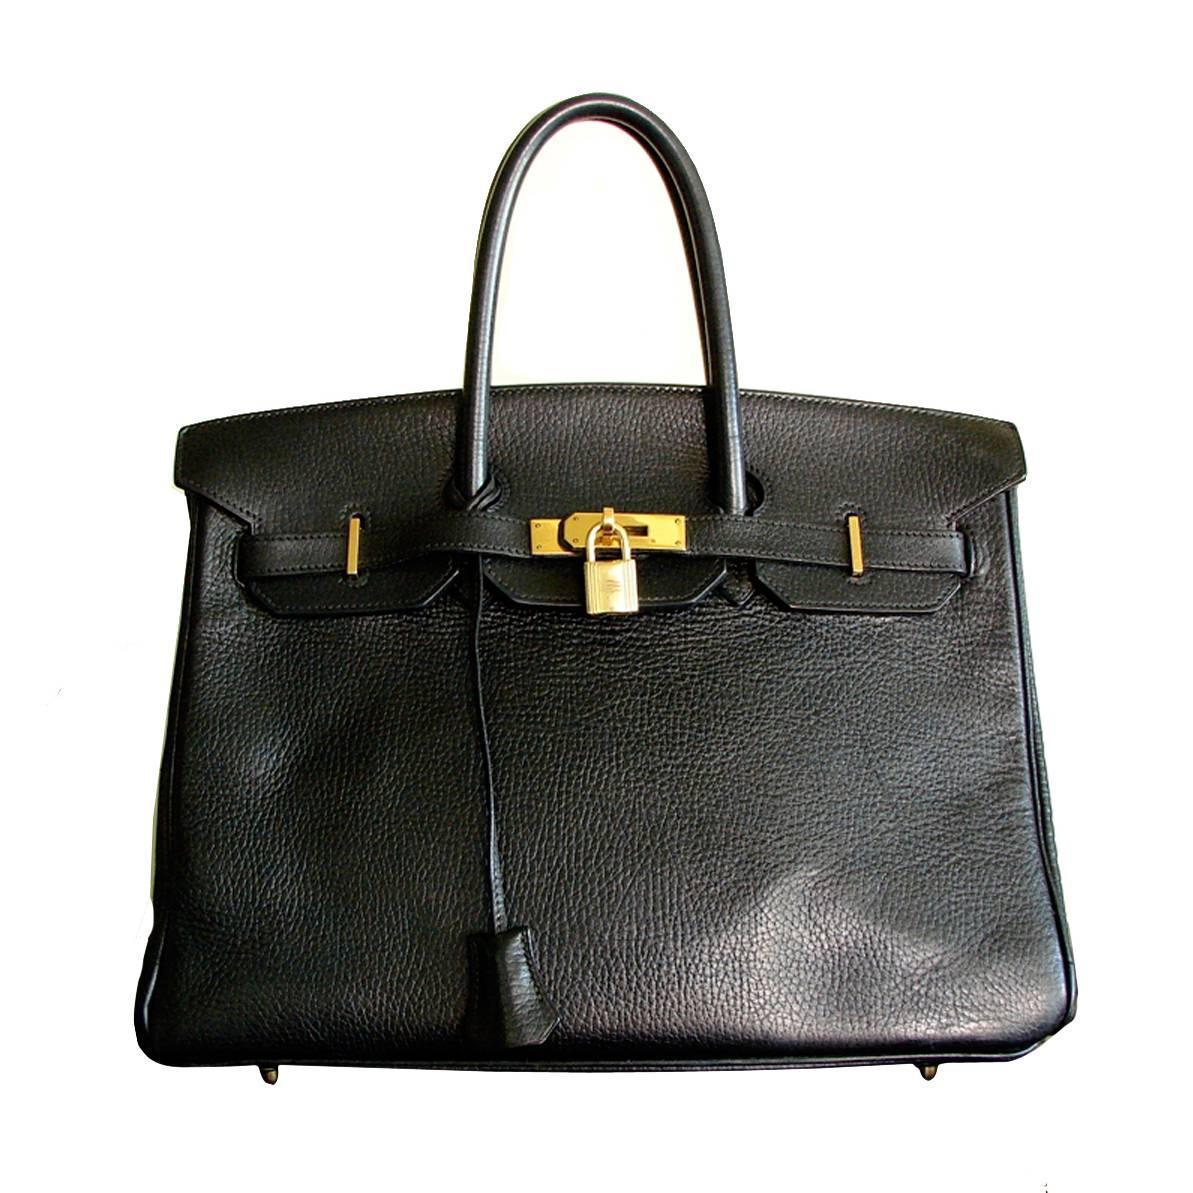 c99edead58c Hermes Paris Birkin Bag 35cm Black Ardennes Leather and Gold Hardware 1993  For Sale at 1stdibs